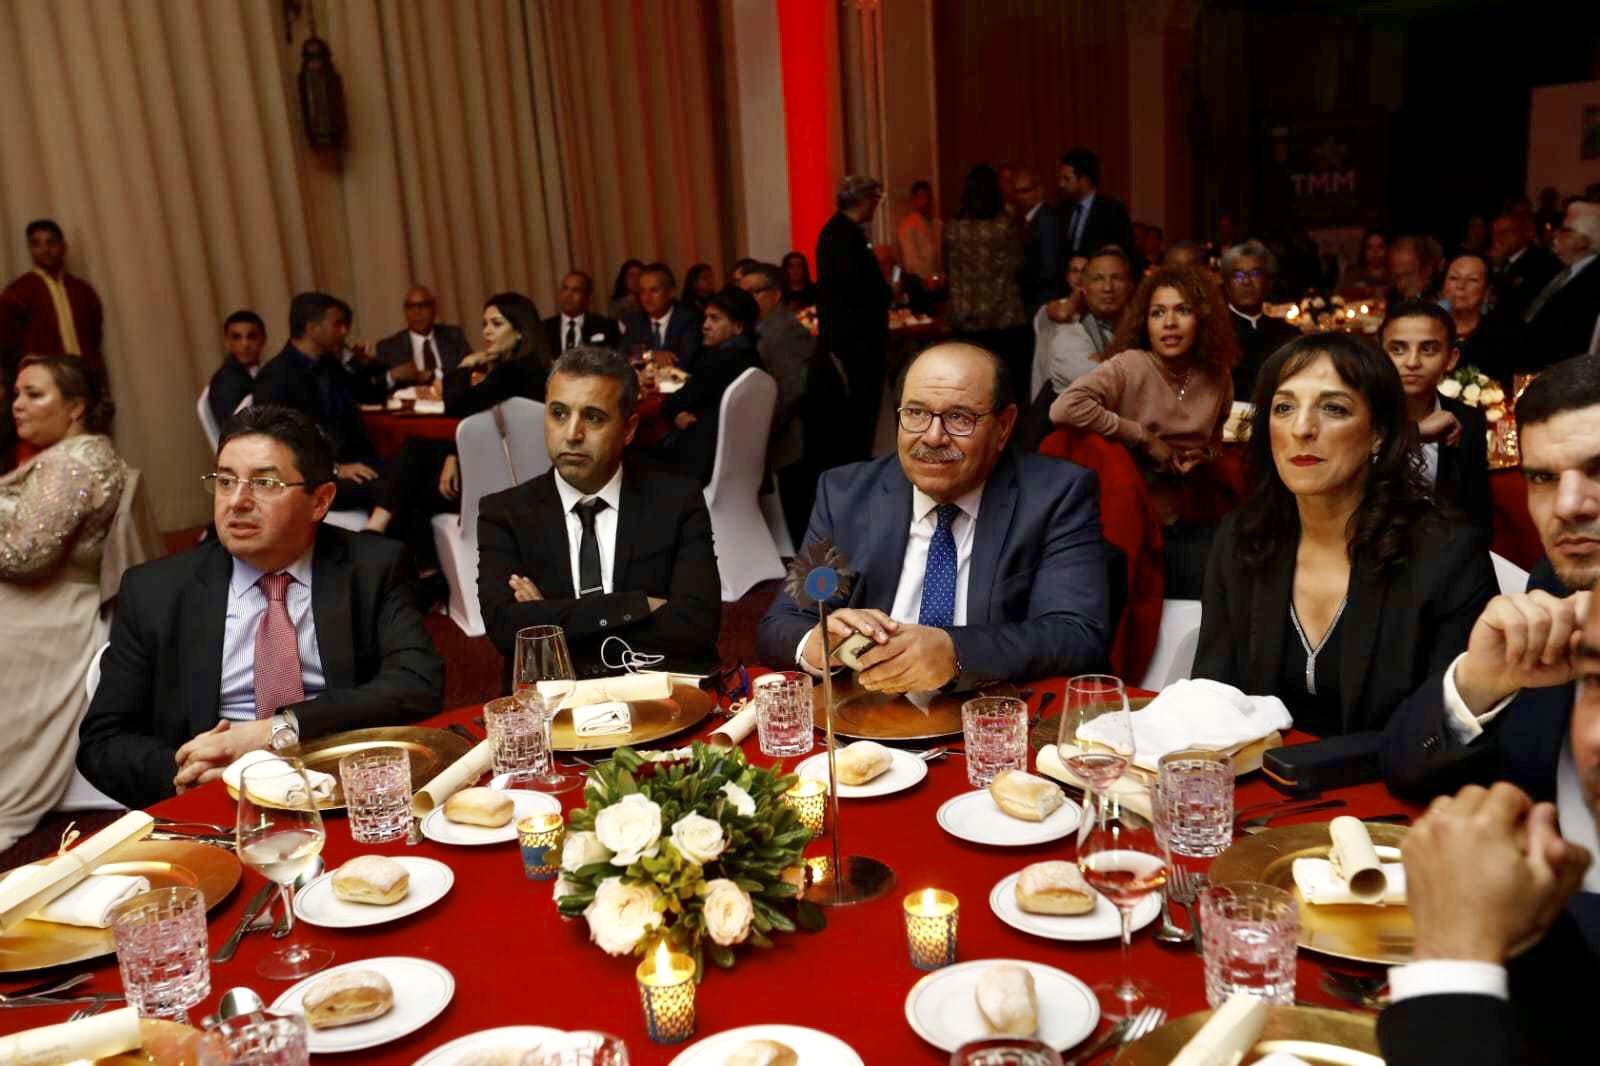 أمسية تكريمية من مجلس الجالية لشخصيات مغربية ناجحة في عالم السياسة والأعمال بأوربا